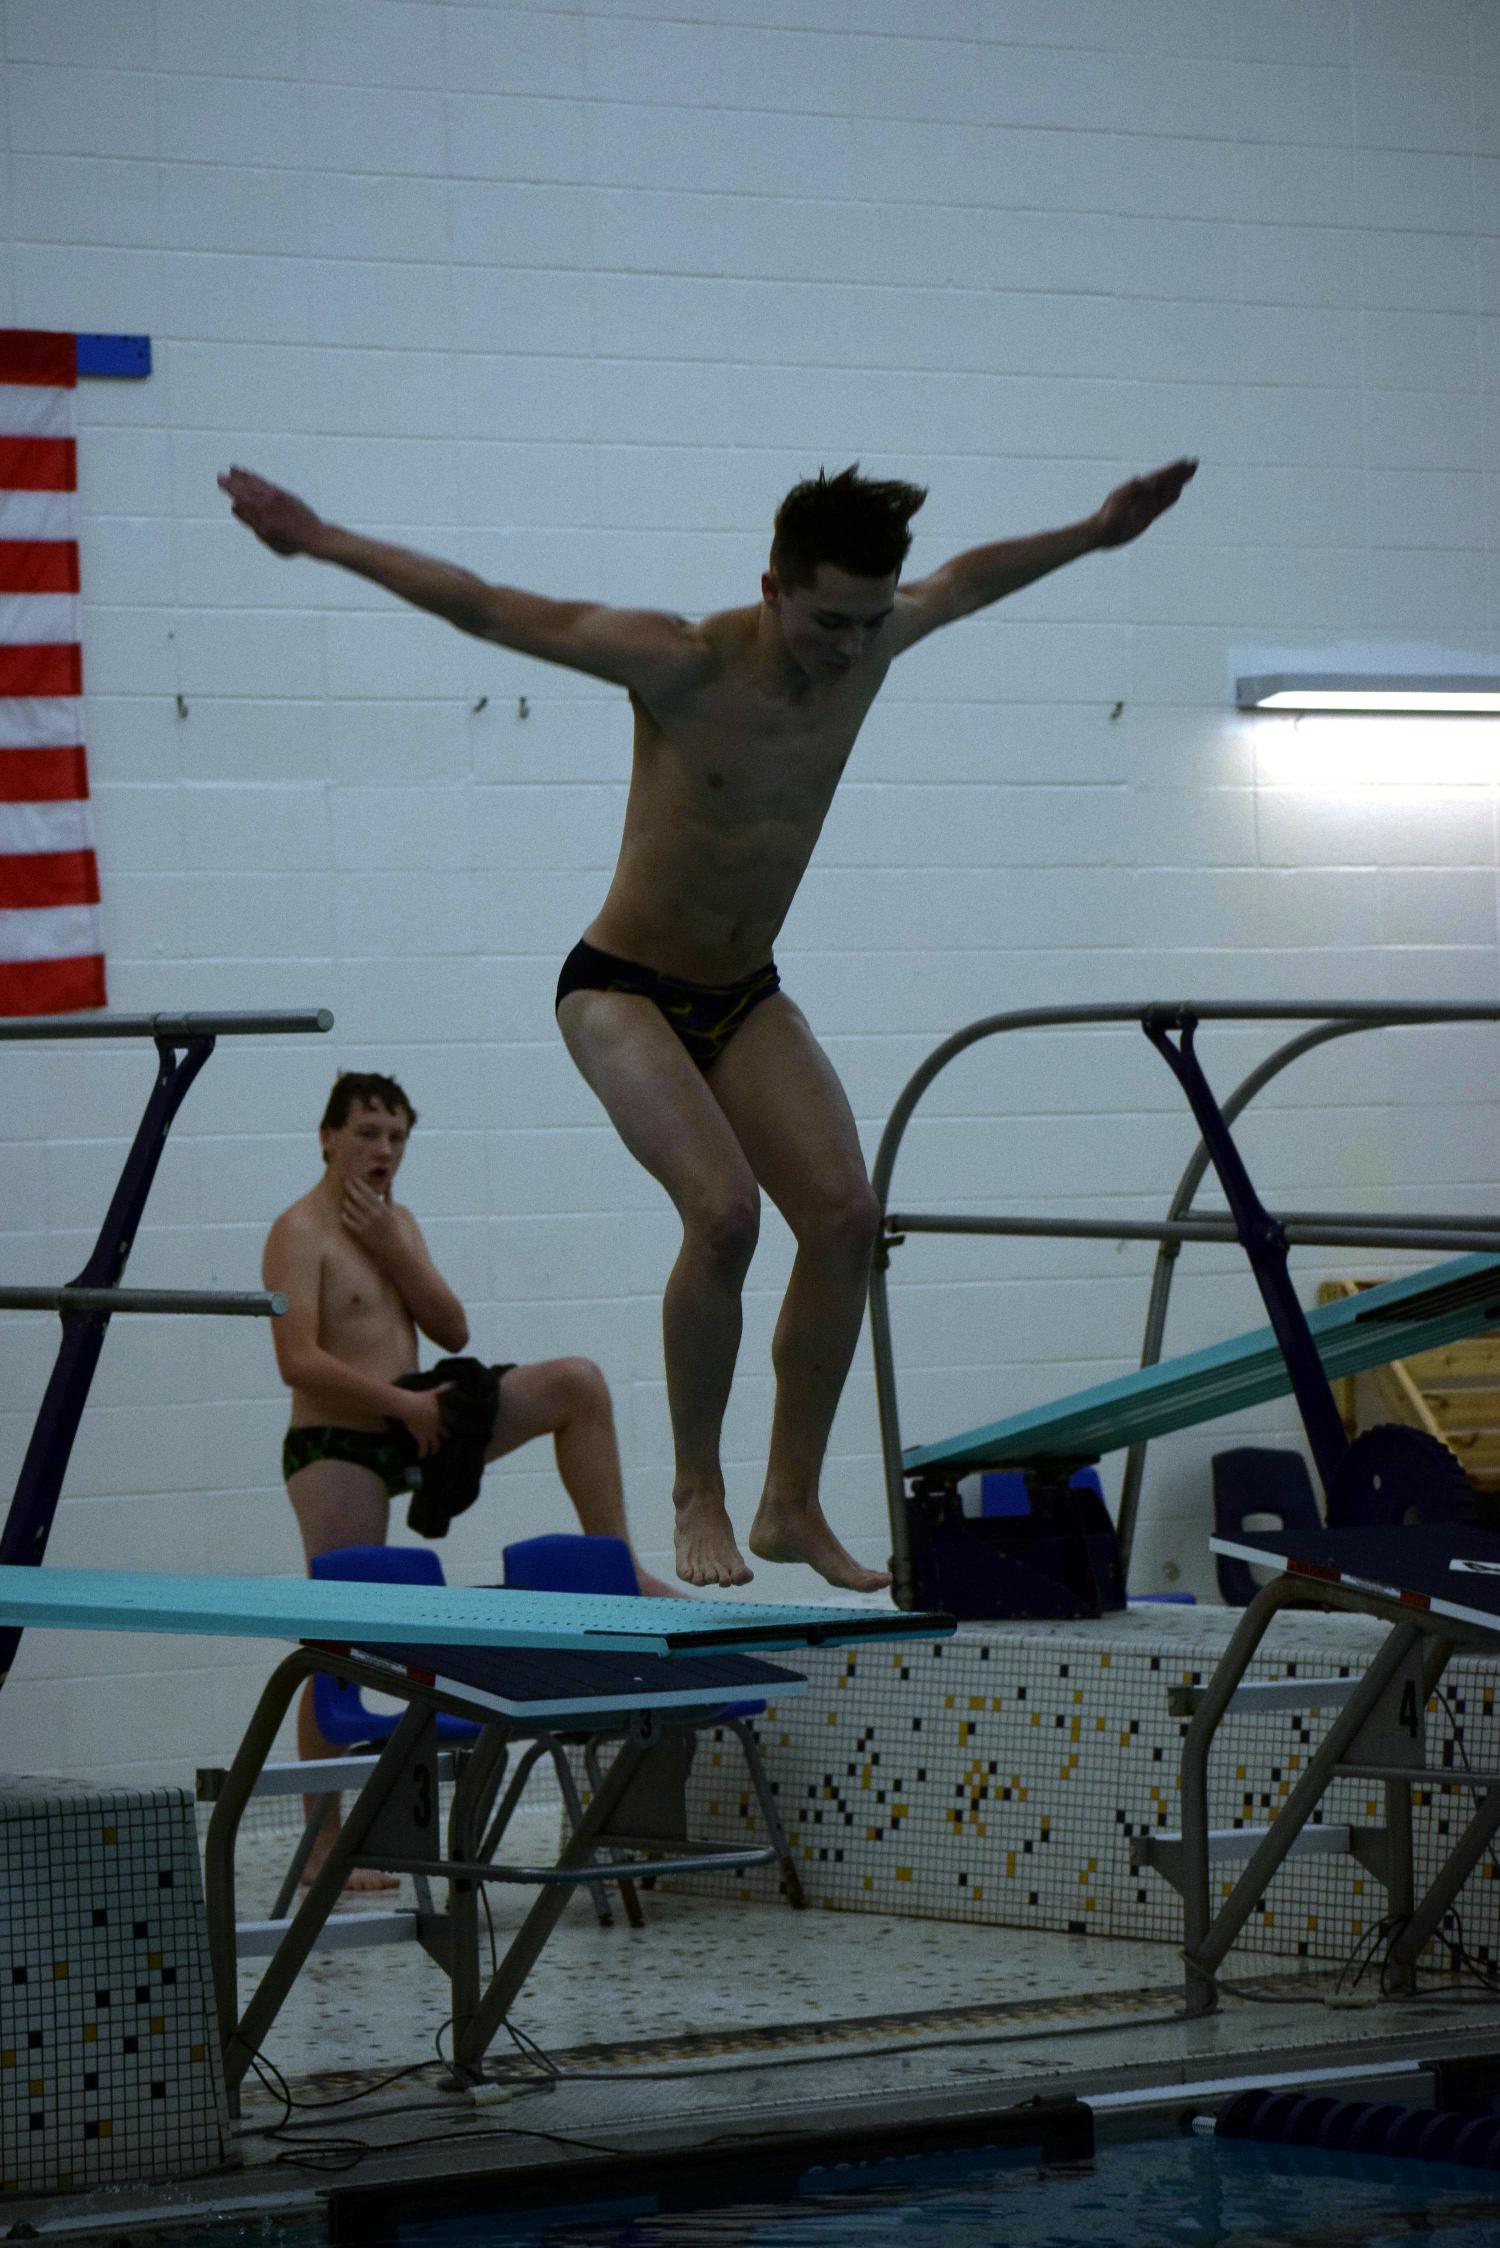 sam jumping